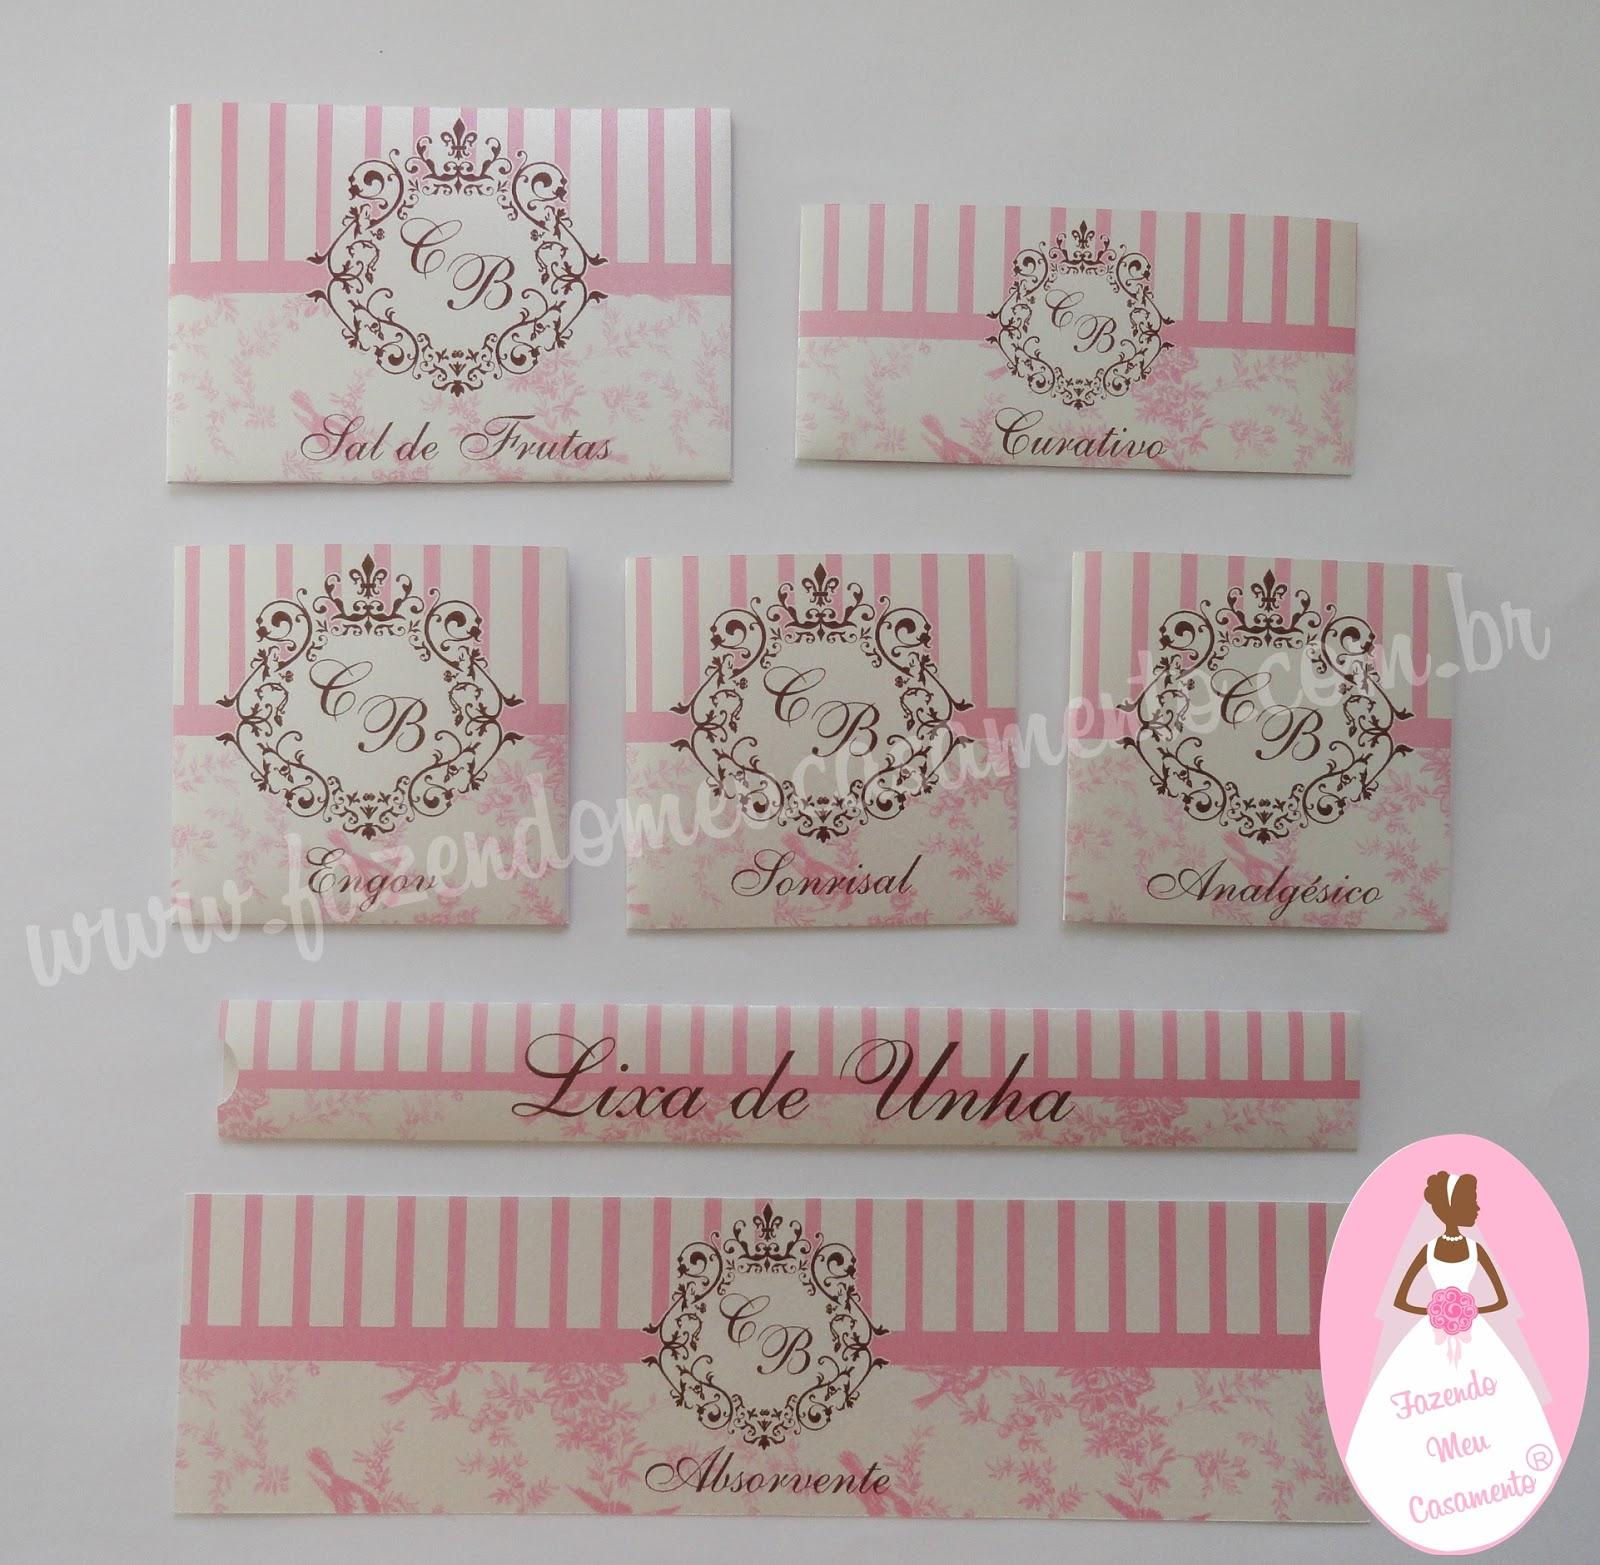 Fazendo Meu Casamento: Kit banheiro rosa e azul Tiffany #482C27 1600 1565